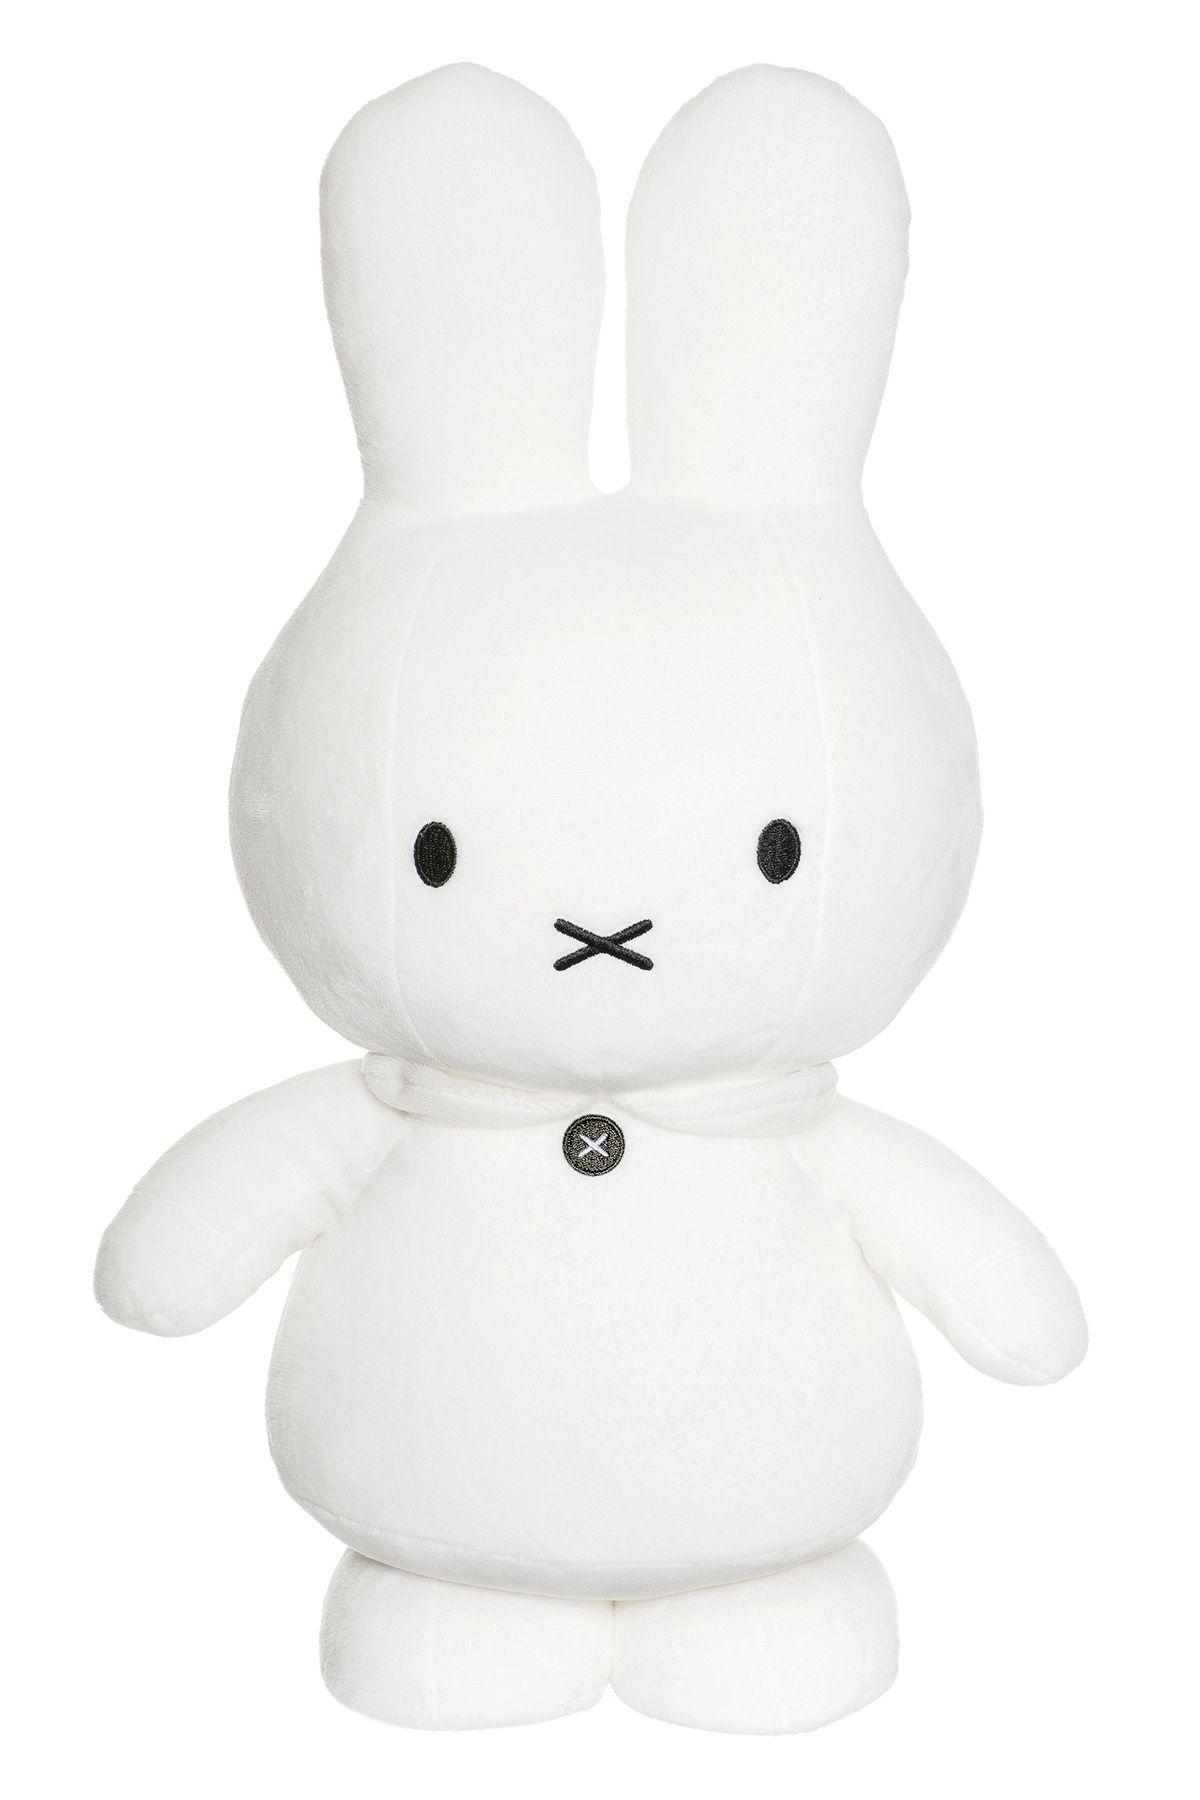 Image of Miffy bamse fra Teddykompaniet - Hvid (50 cm) (2736)